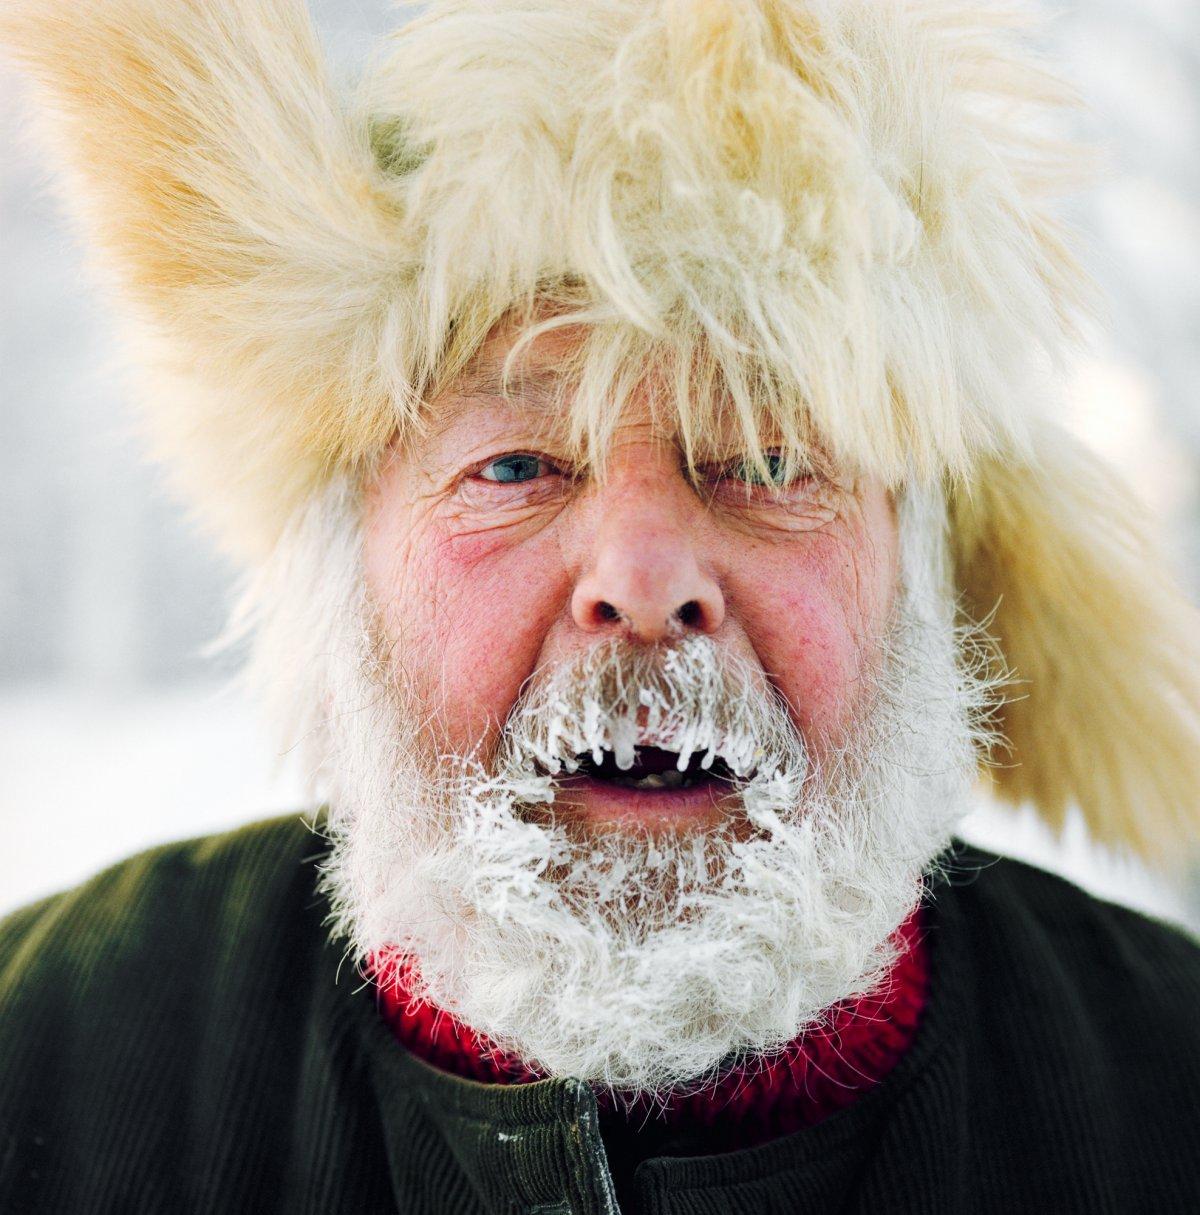 Conheça 15 pessoas que desafiam temperaturas extremas para viver no círculo ártico